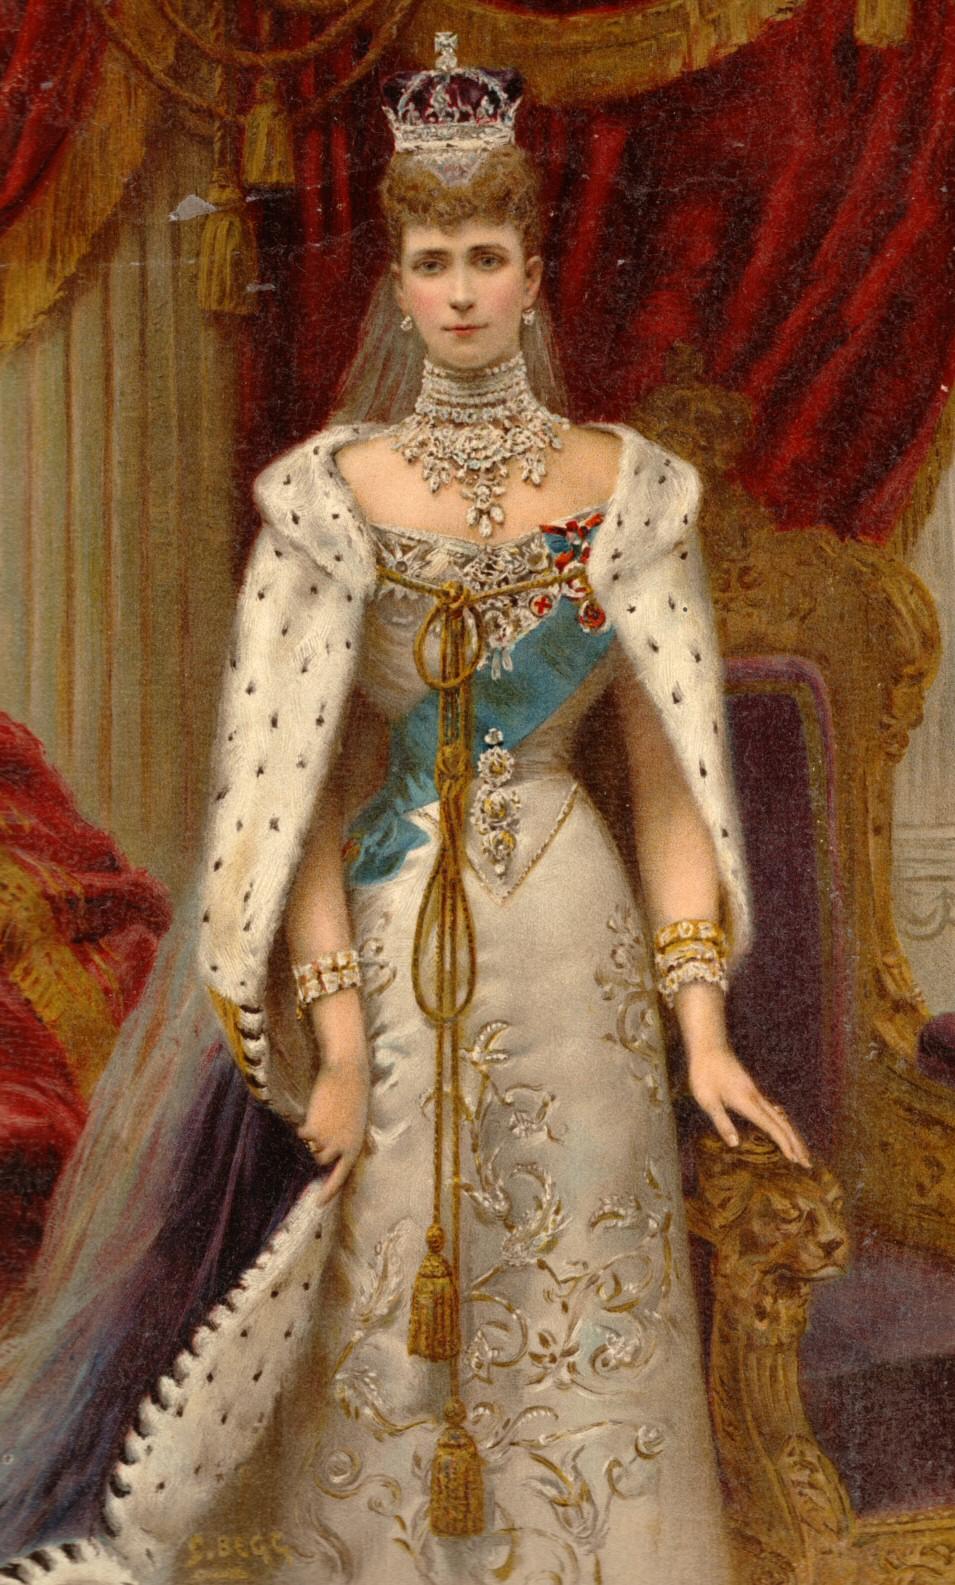 PRINCIPE ANDRES DE GRECIA Y DINAMARCA Alexandra_in_coronation_robes